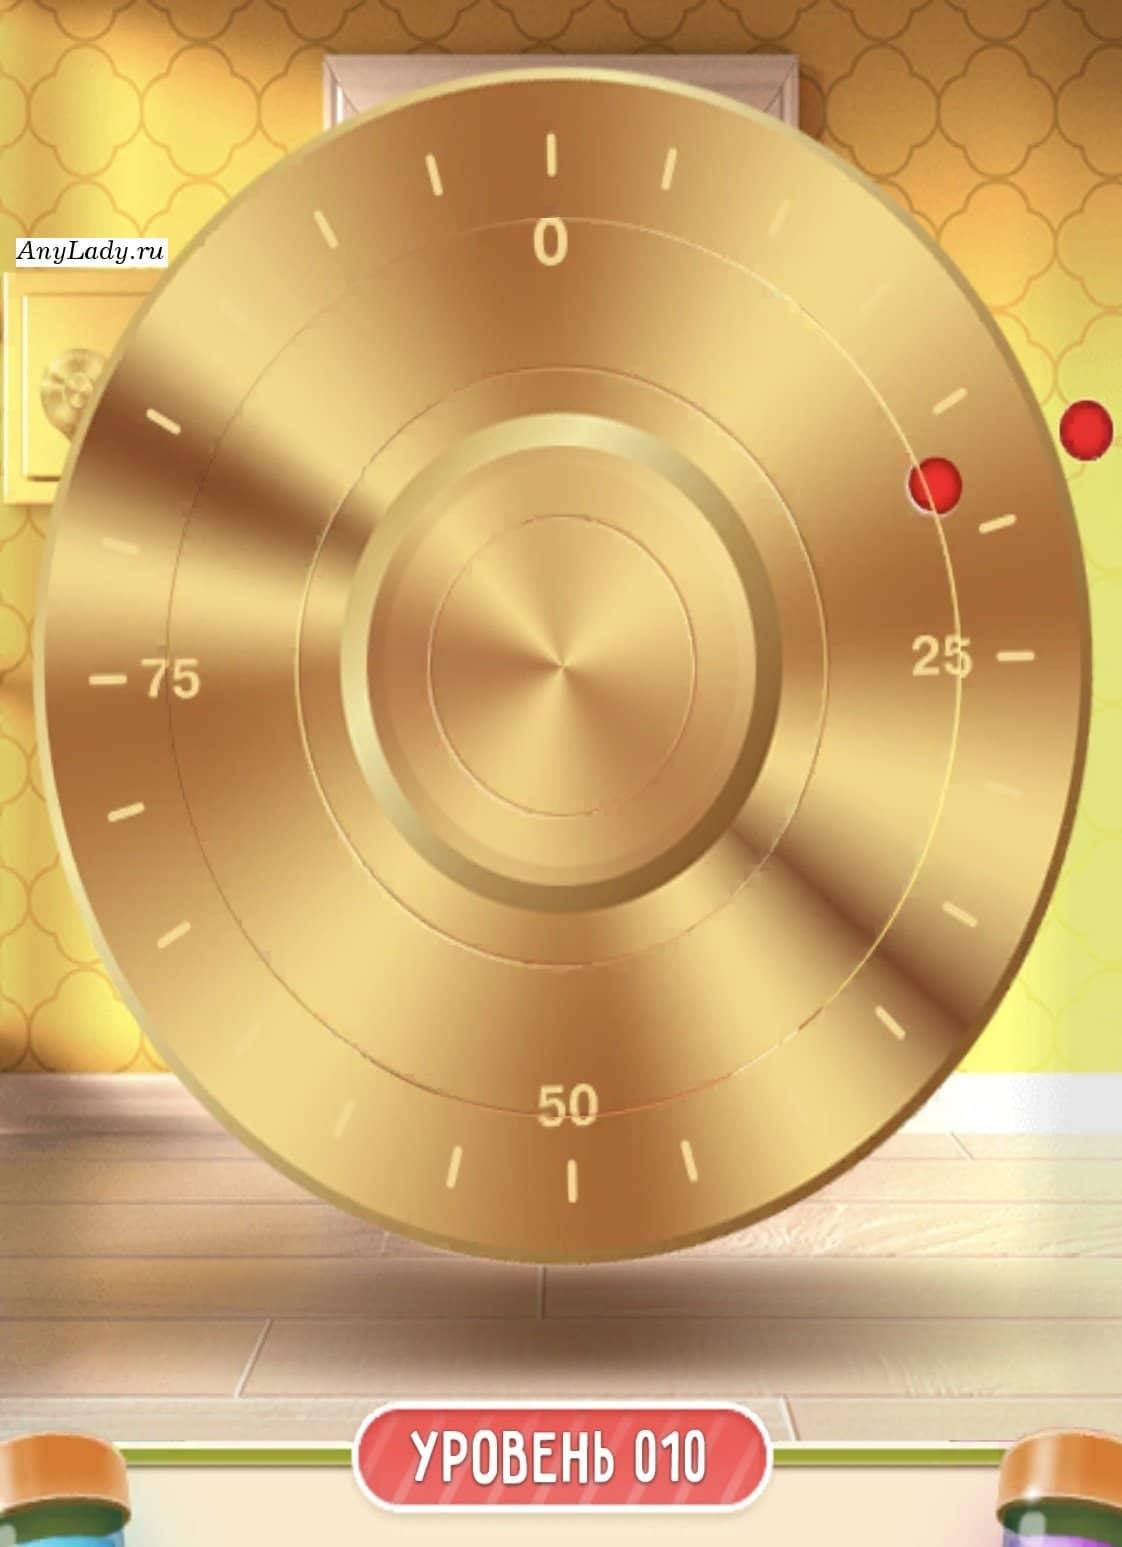 Надавите на сейф и прокрутите внешнее колесо с красной отметкой, к такой же отметке на обоях. За тем на внутреннем колесе соедините половинку красной точки с точкой внешнего круга. Сейф открыт, уровень пройден.